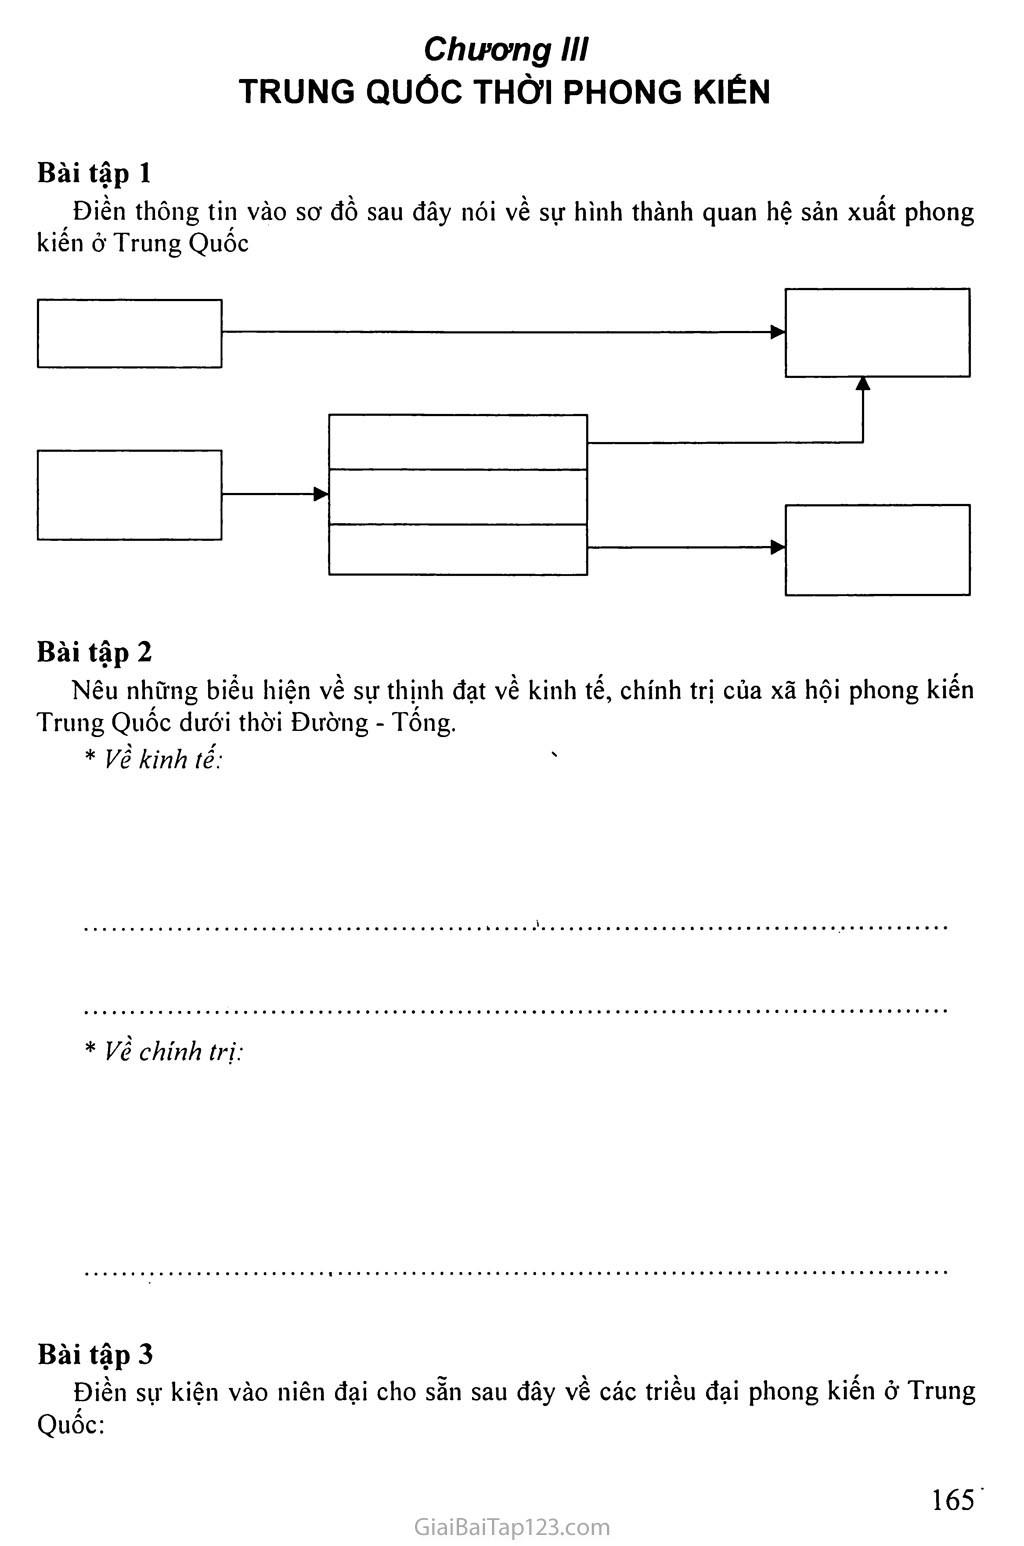 MỘT SỐ BÀI TẬP LỊCH SỬ HỌC SINH TỰ LÀM Ở NHÀ trang 7